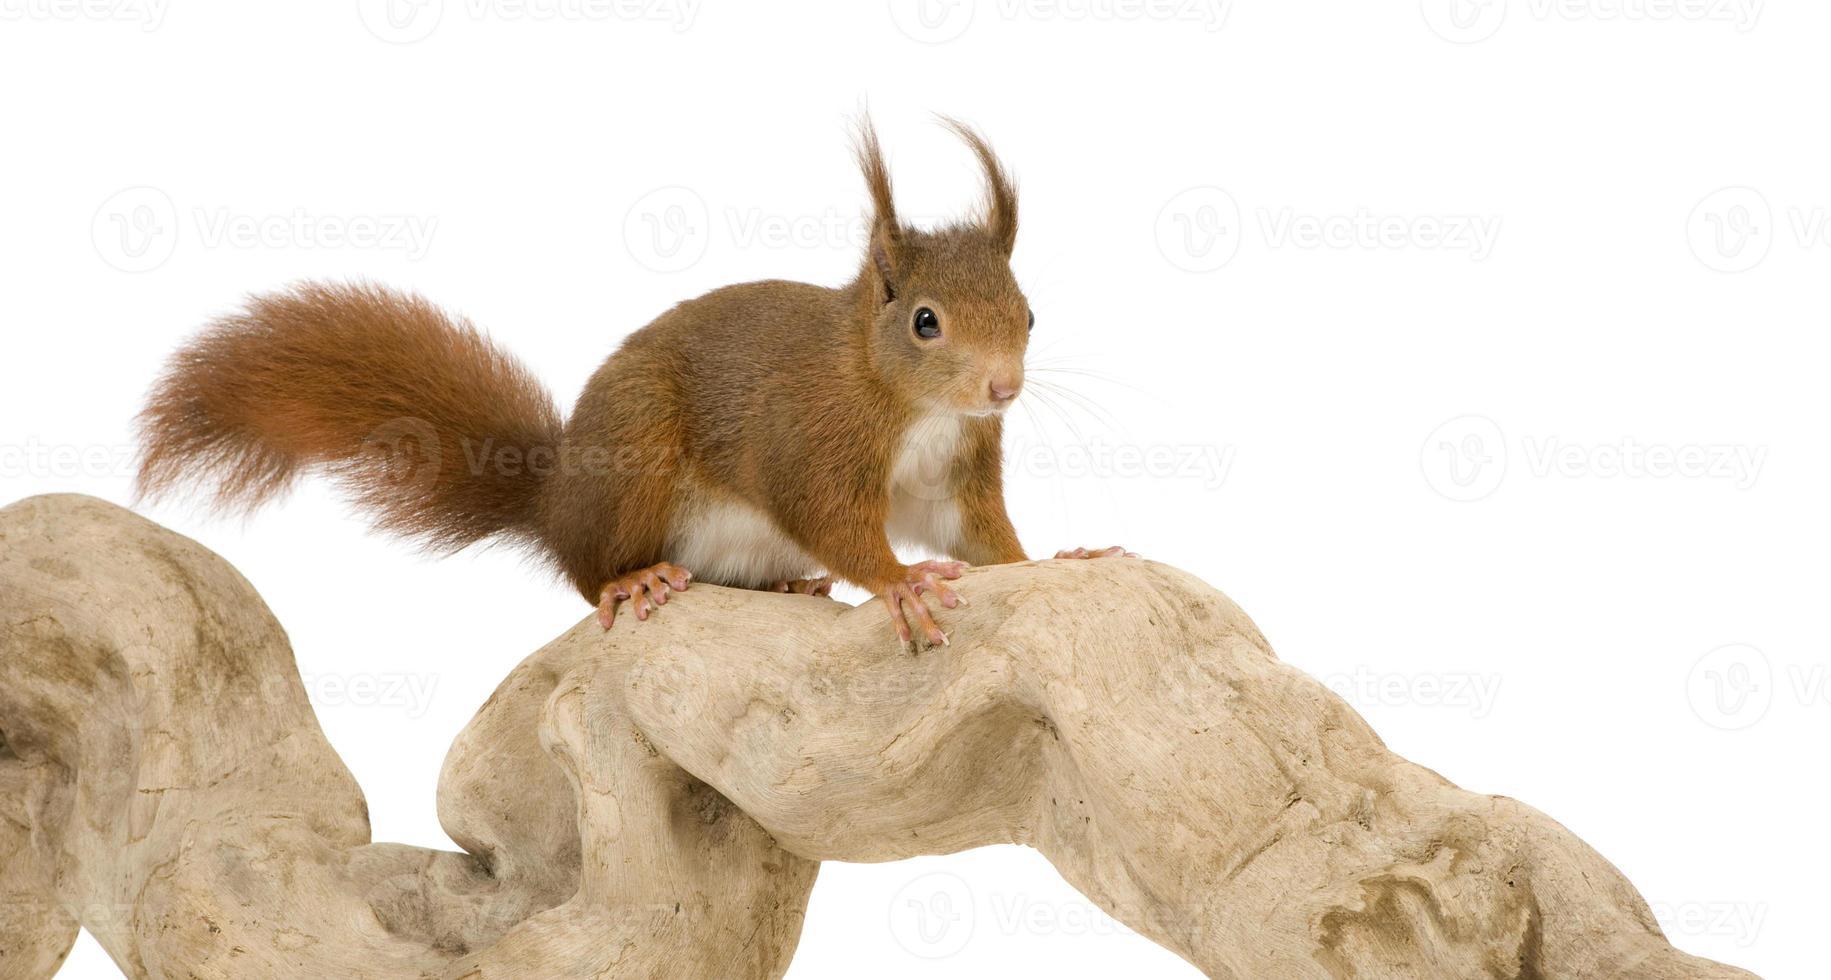 scoiattolo rosso eurasiatico - sciurus vulgaris (2 anni) foto